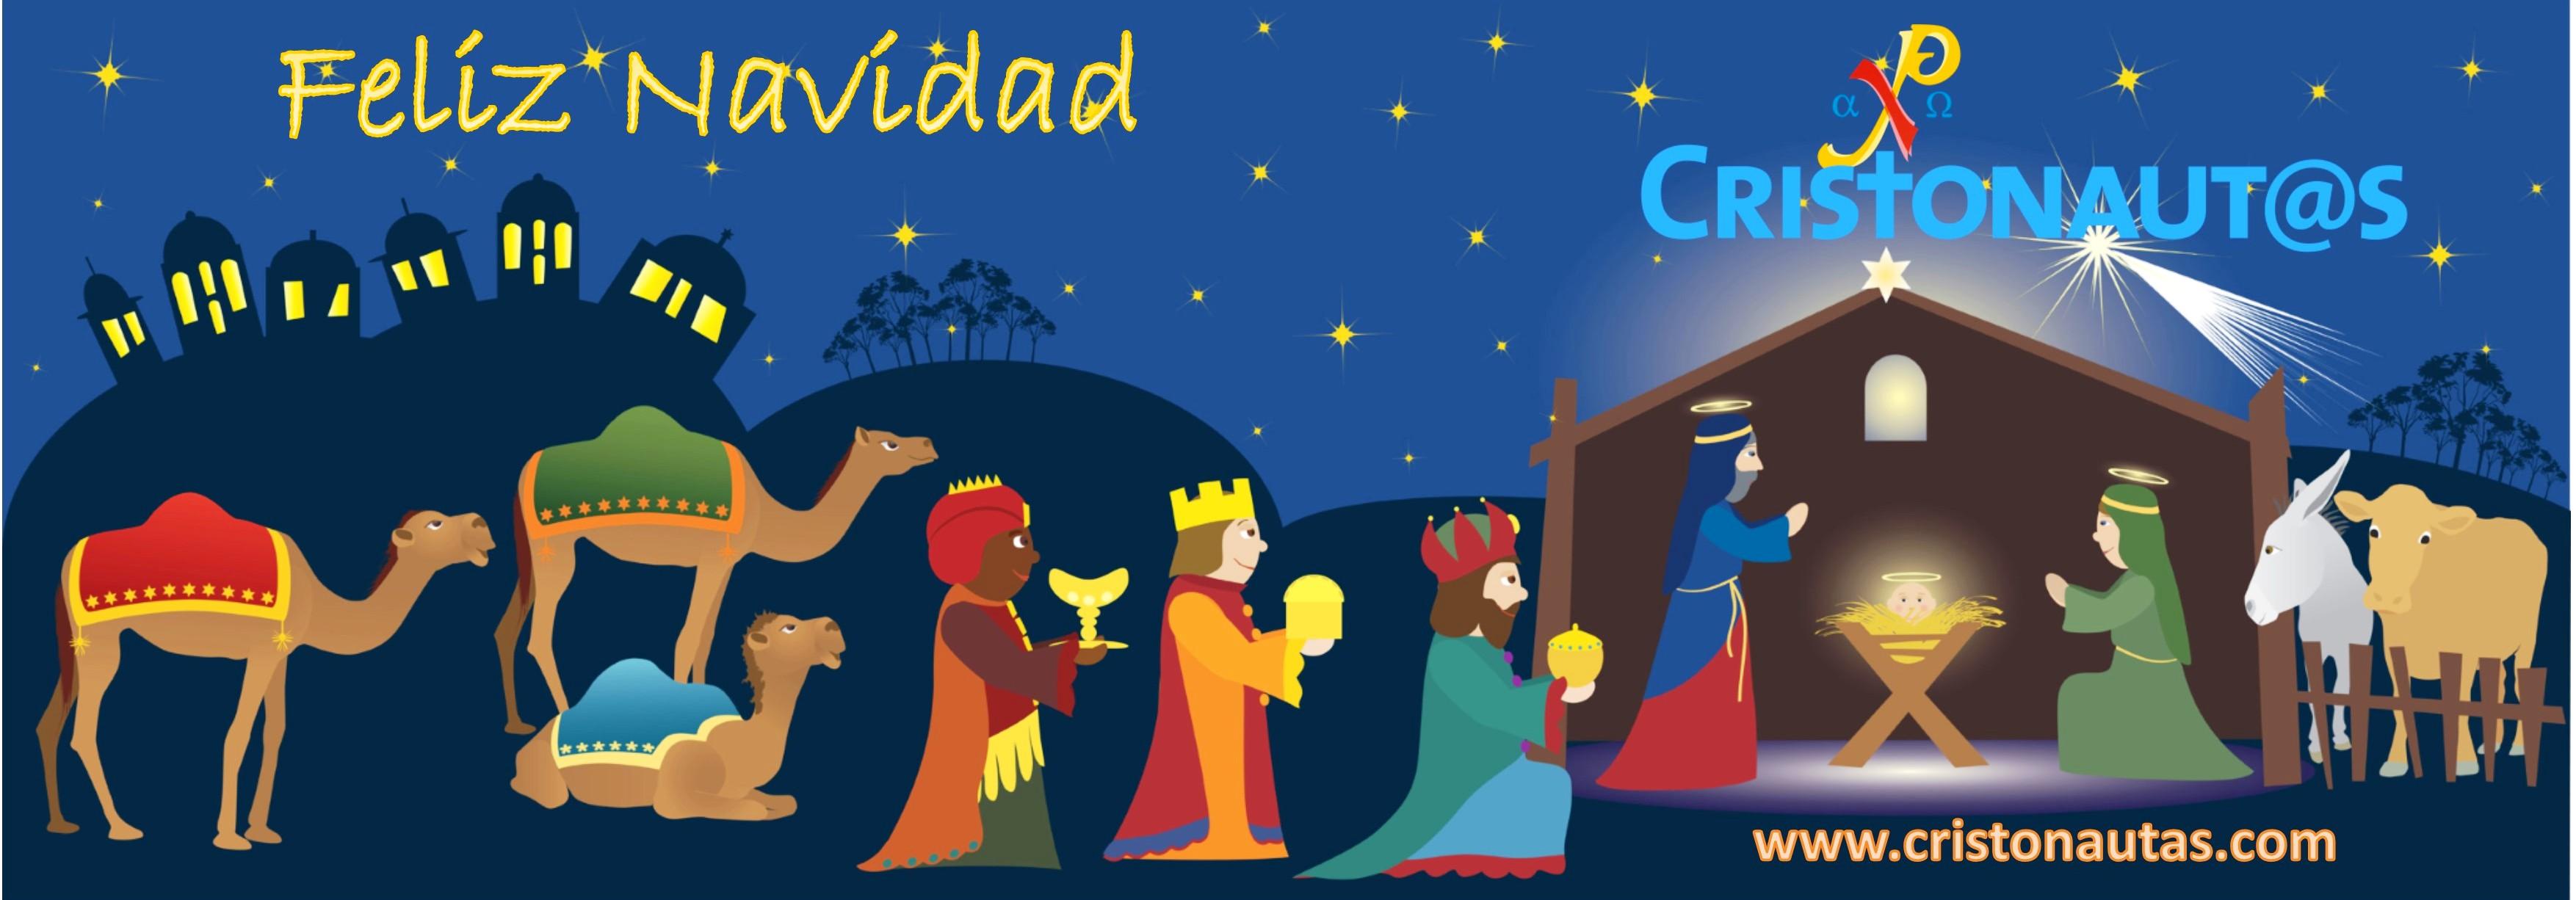 feliz-navidad-cristonautas